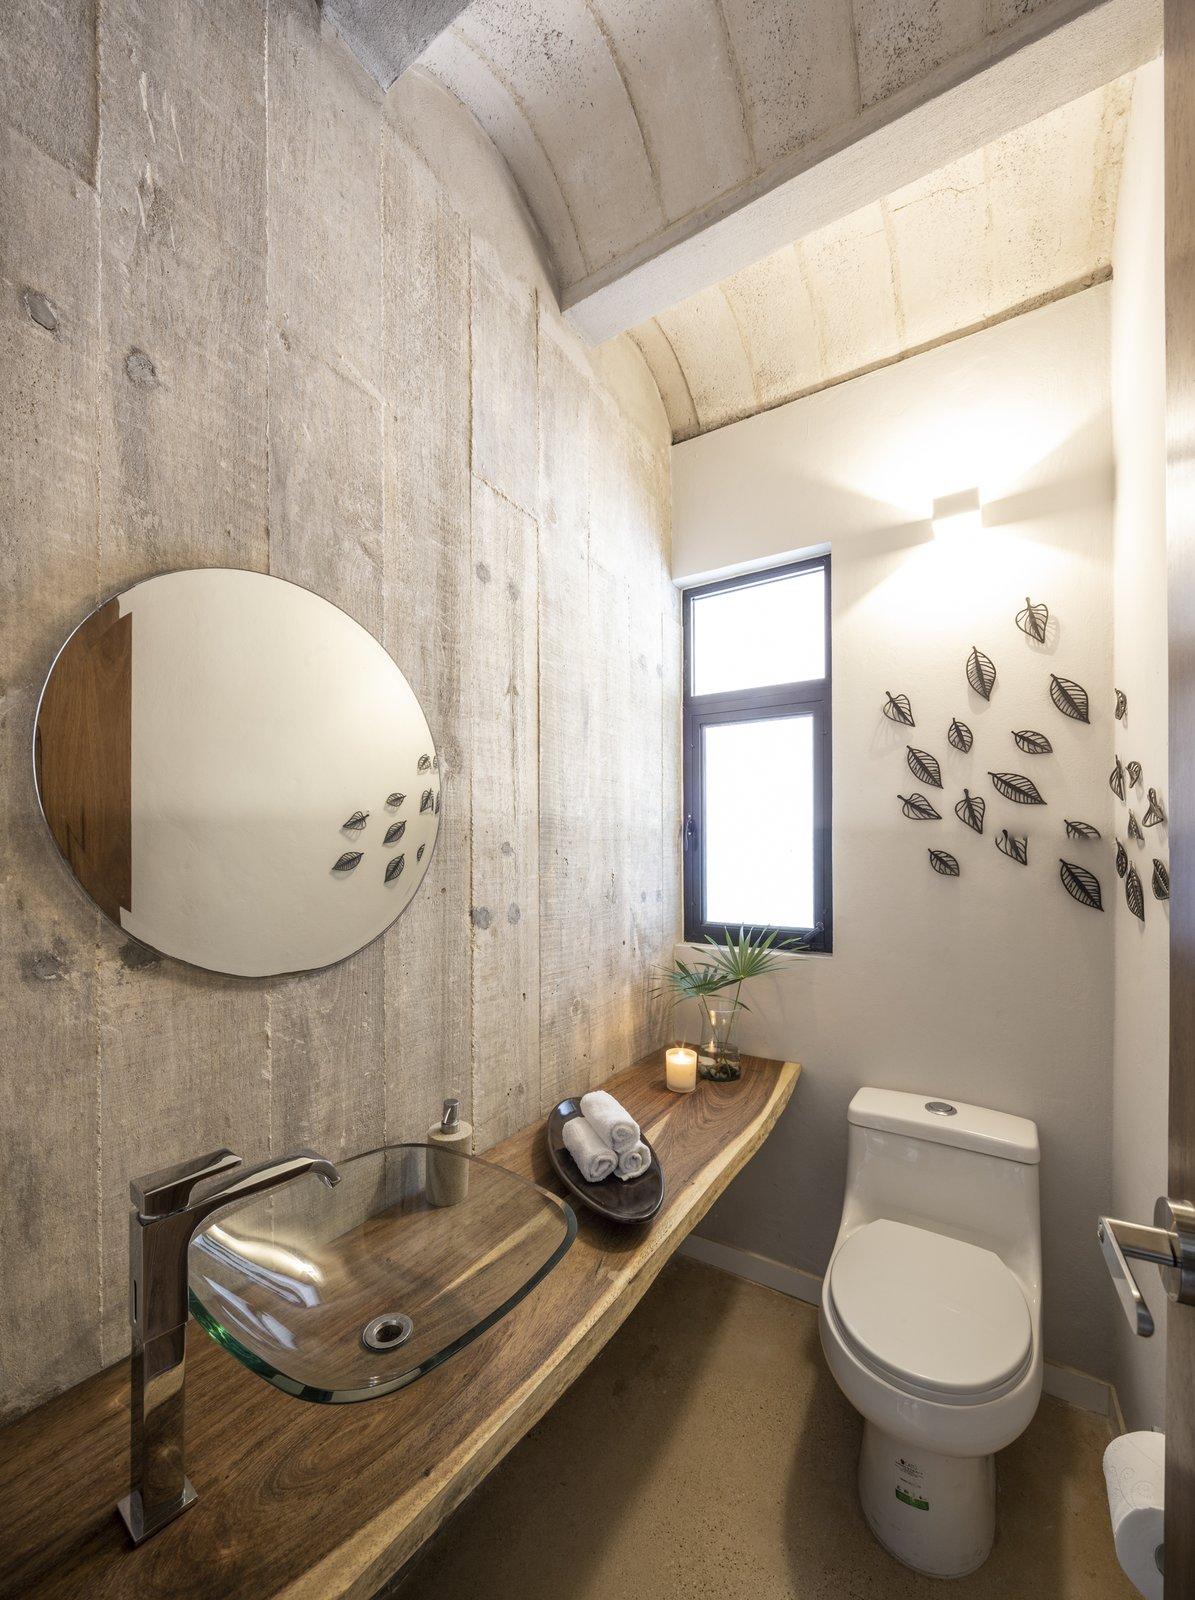 Bath, Wood, One Piece, Concrete, Concrete, Vessel, and Wall  Bath Concrete Concrete Wood Photos from PDC House